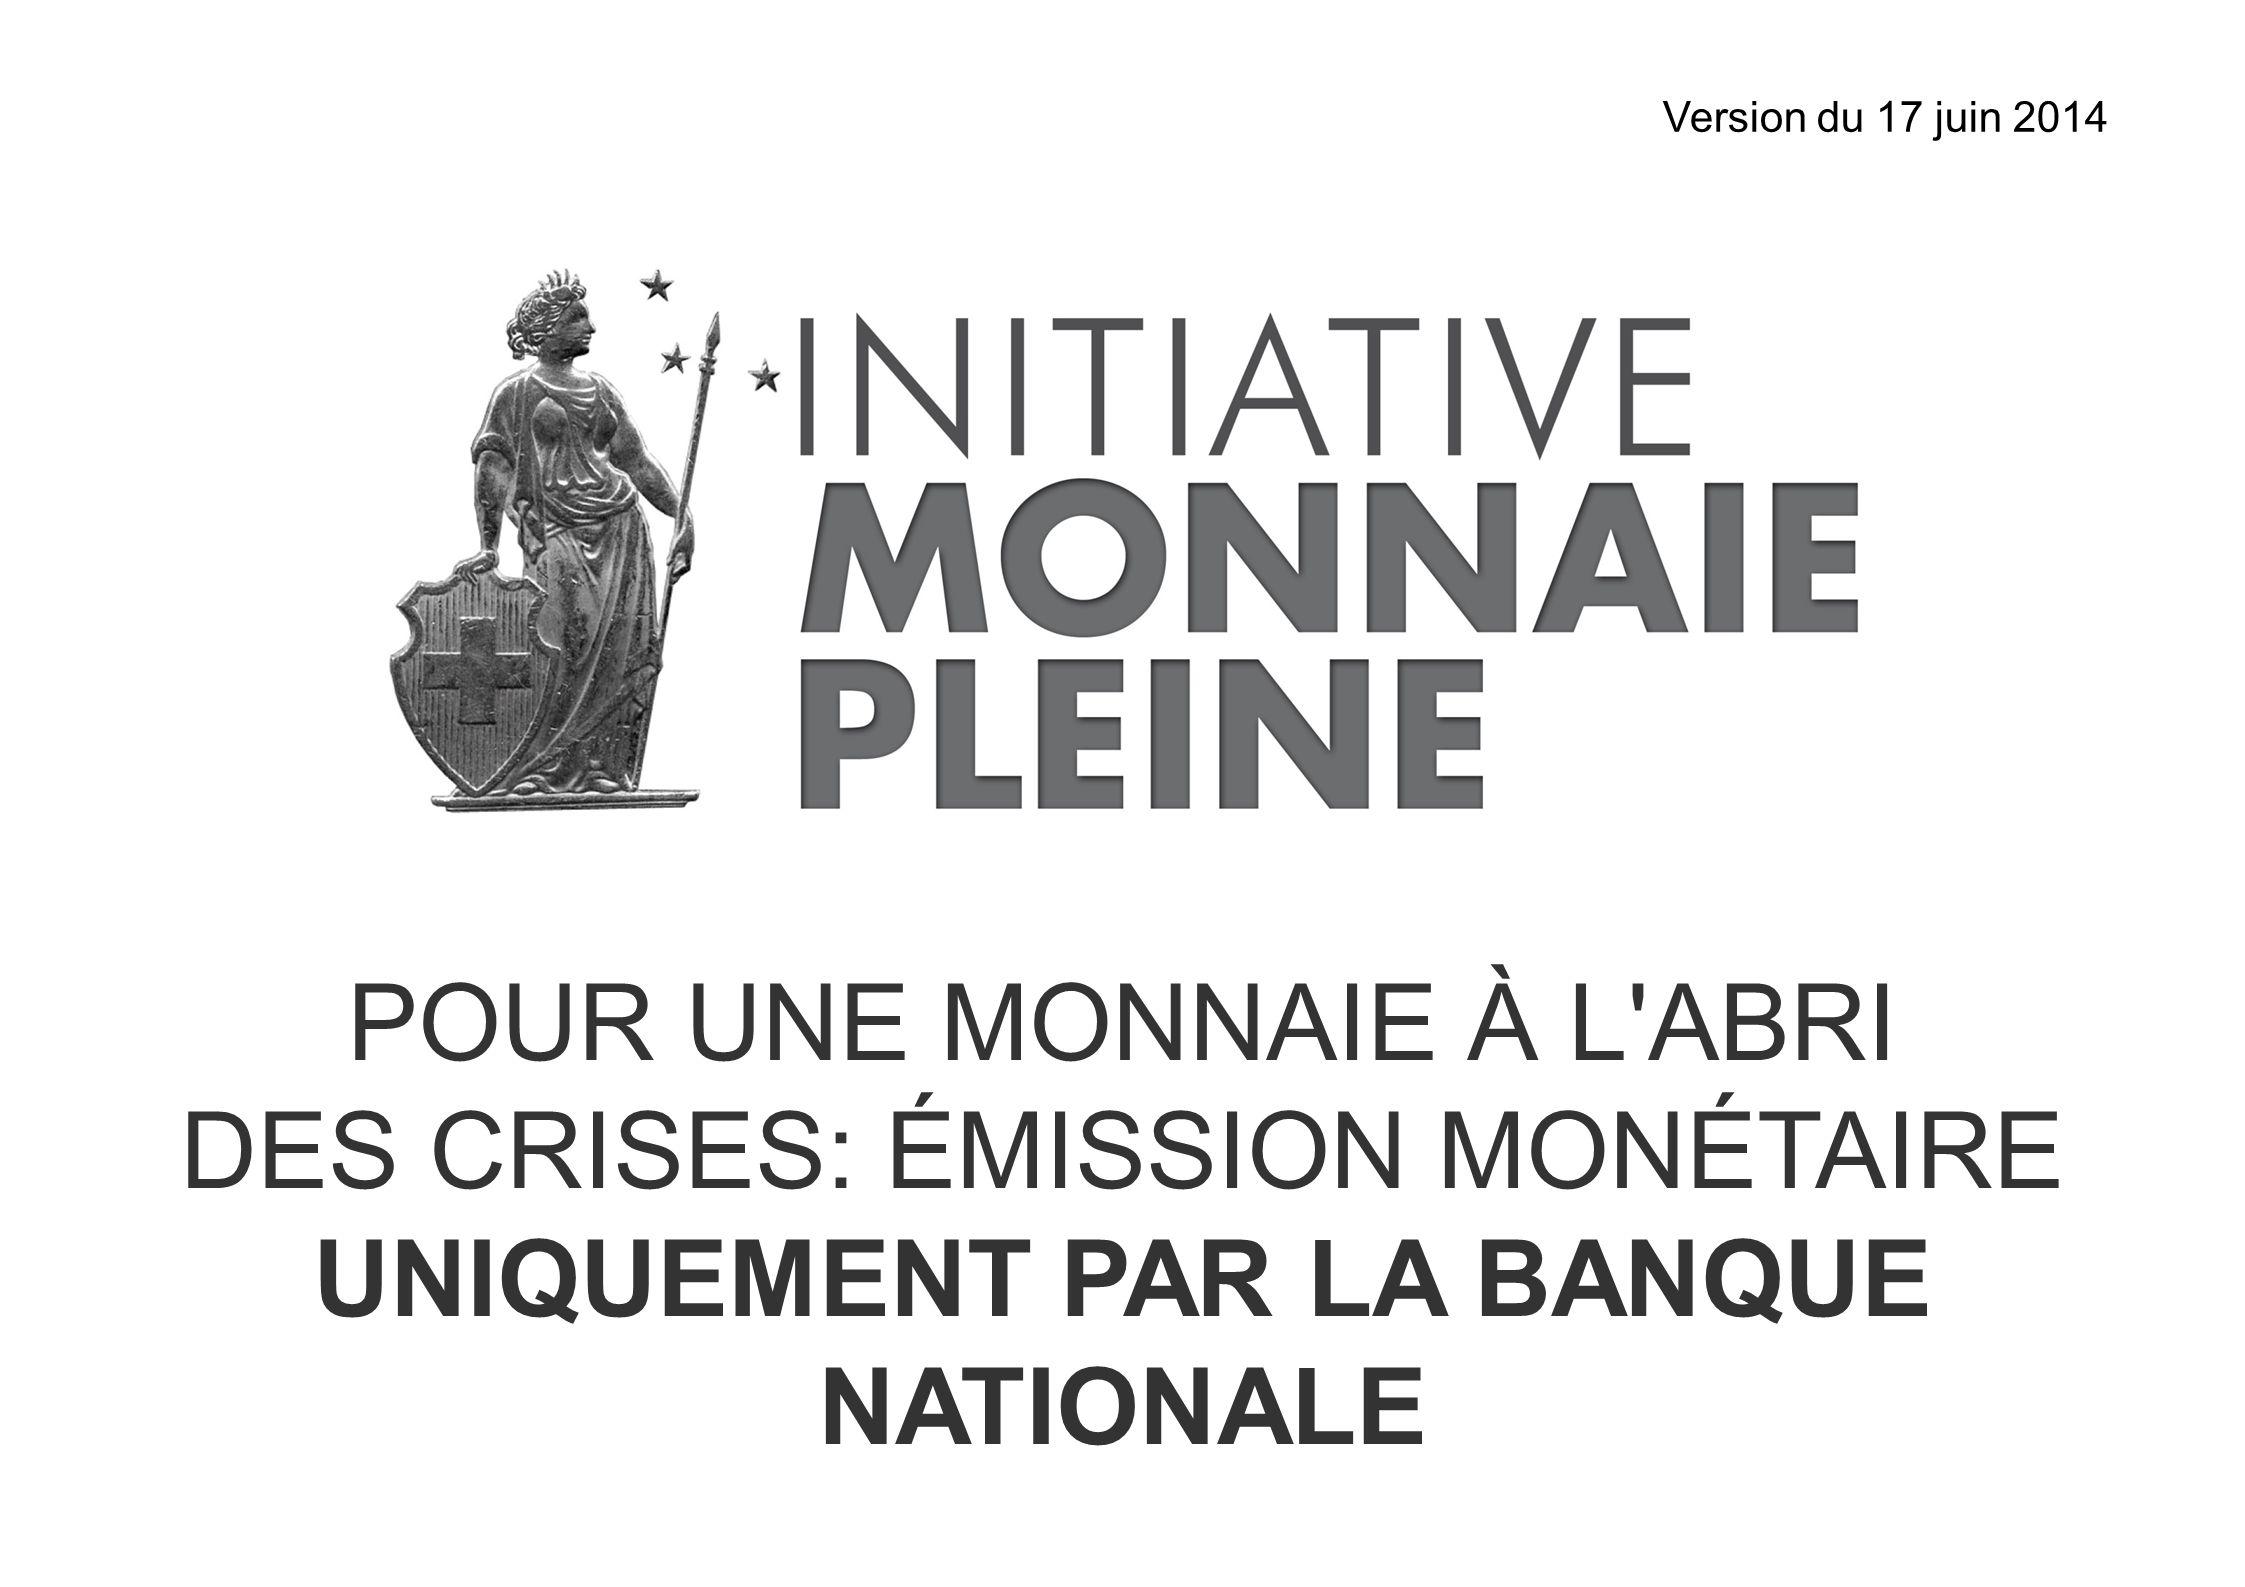 POUR UNE MONNAIE À L'ABRI DES CRISES: ÉMISSION MONÉTAIRE UNIQUEMENT PAR LA BANQUE NATIONALE Version du 17 juin 2014